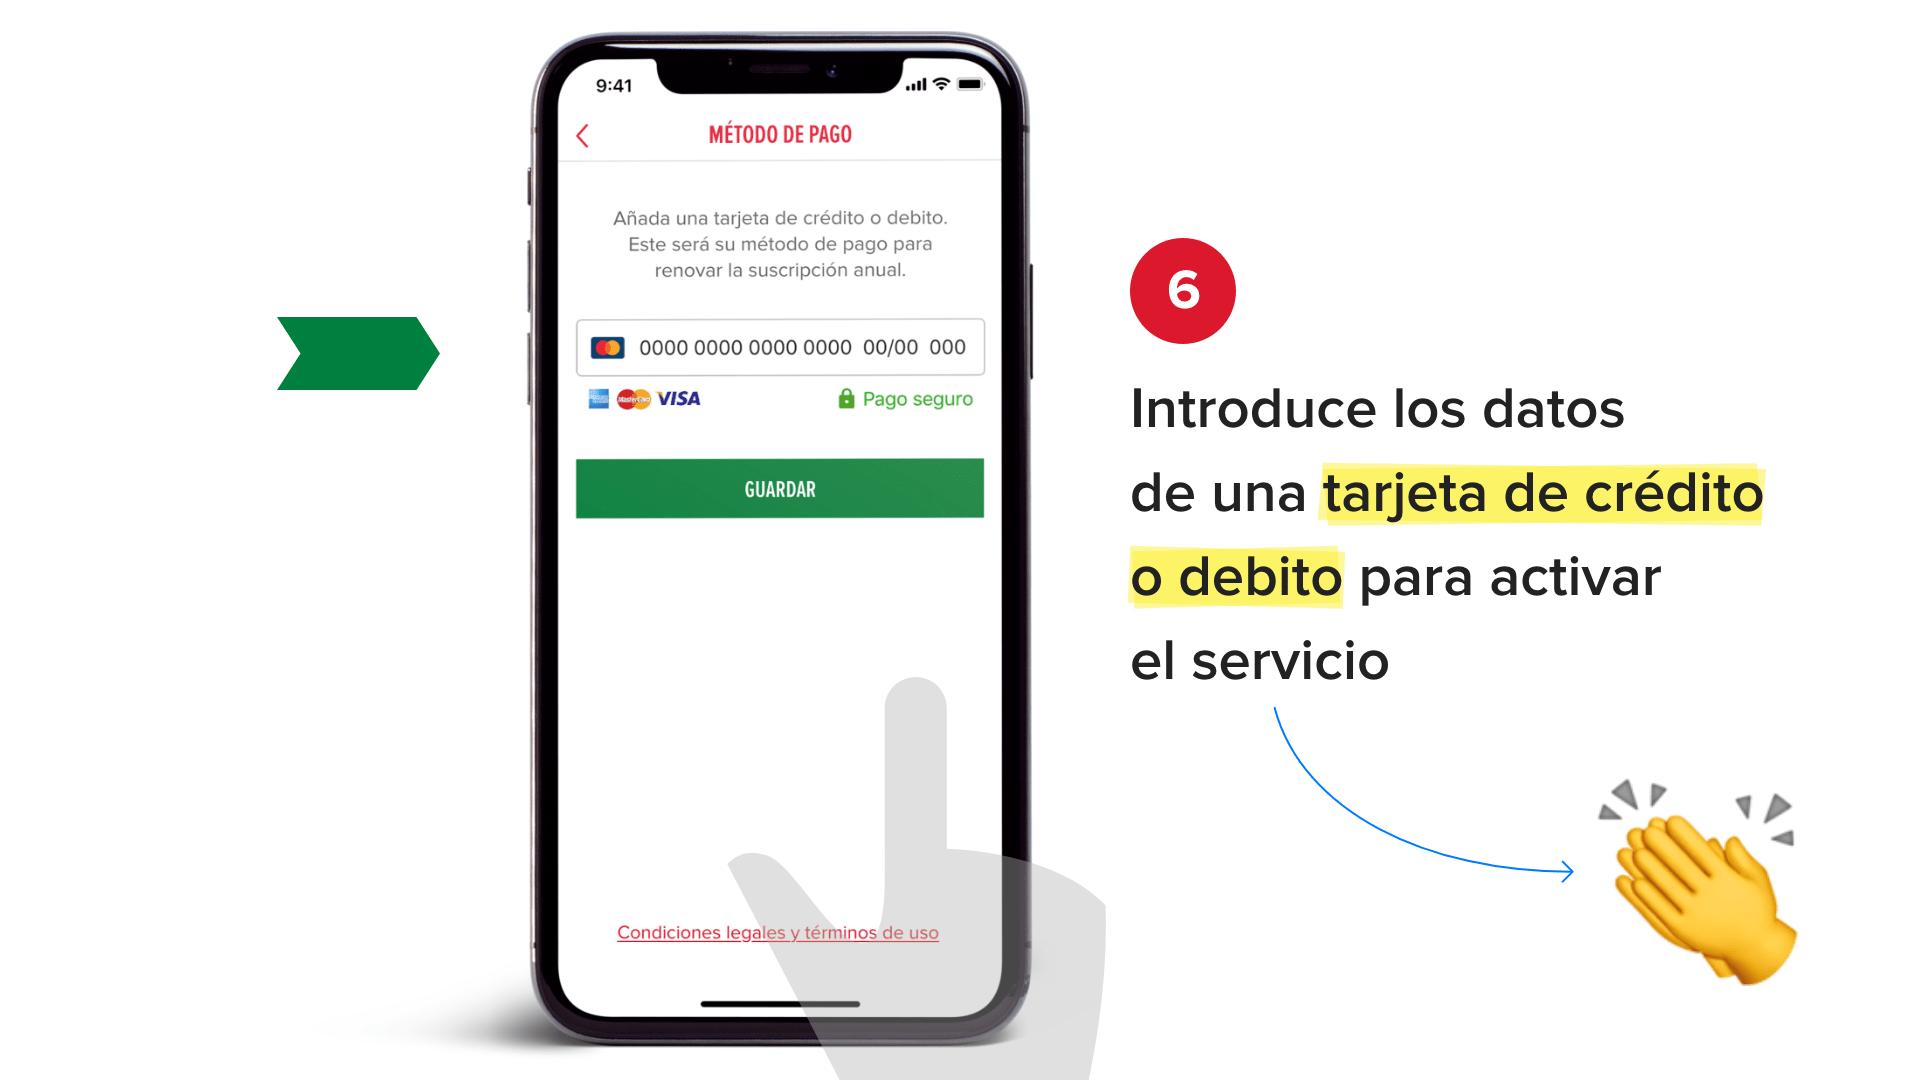 Introduce los datos de una tarjeta de crédito o debito para activar el servicio